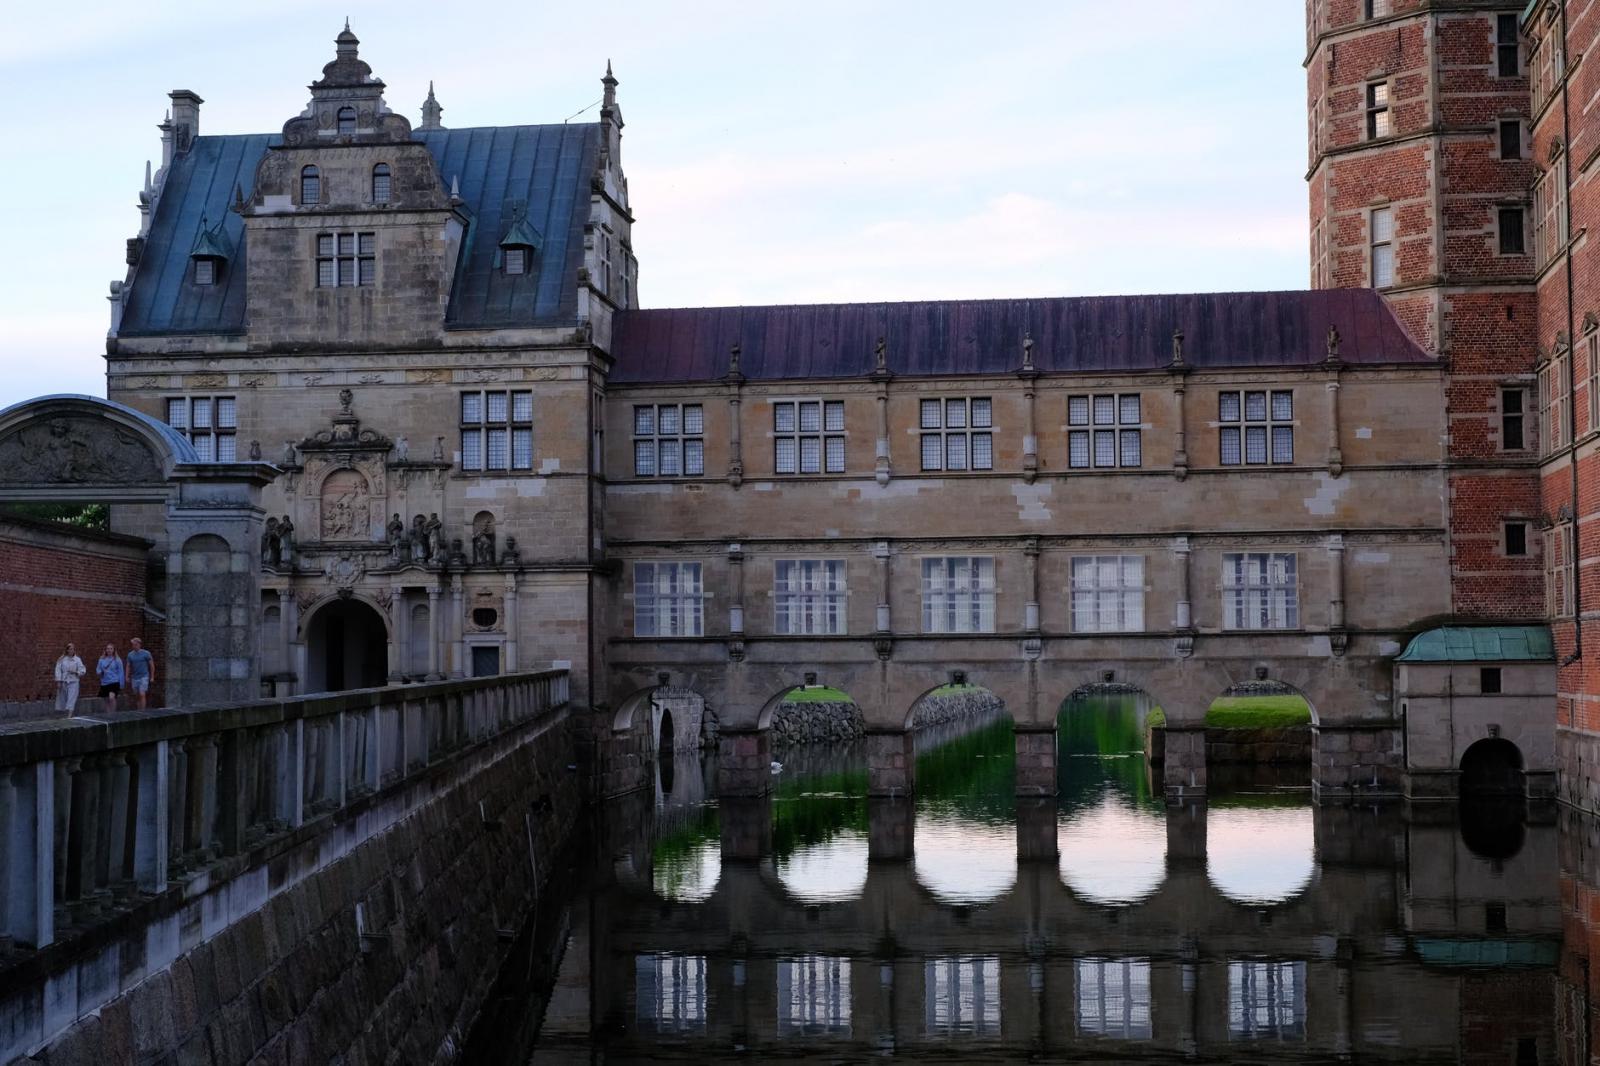 【理財專知】什麼是股票投資護城河?如何判斷哪些公司有投資護城河優勢?